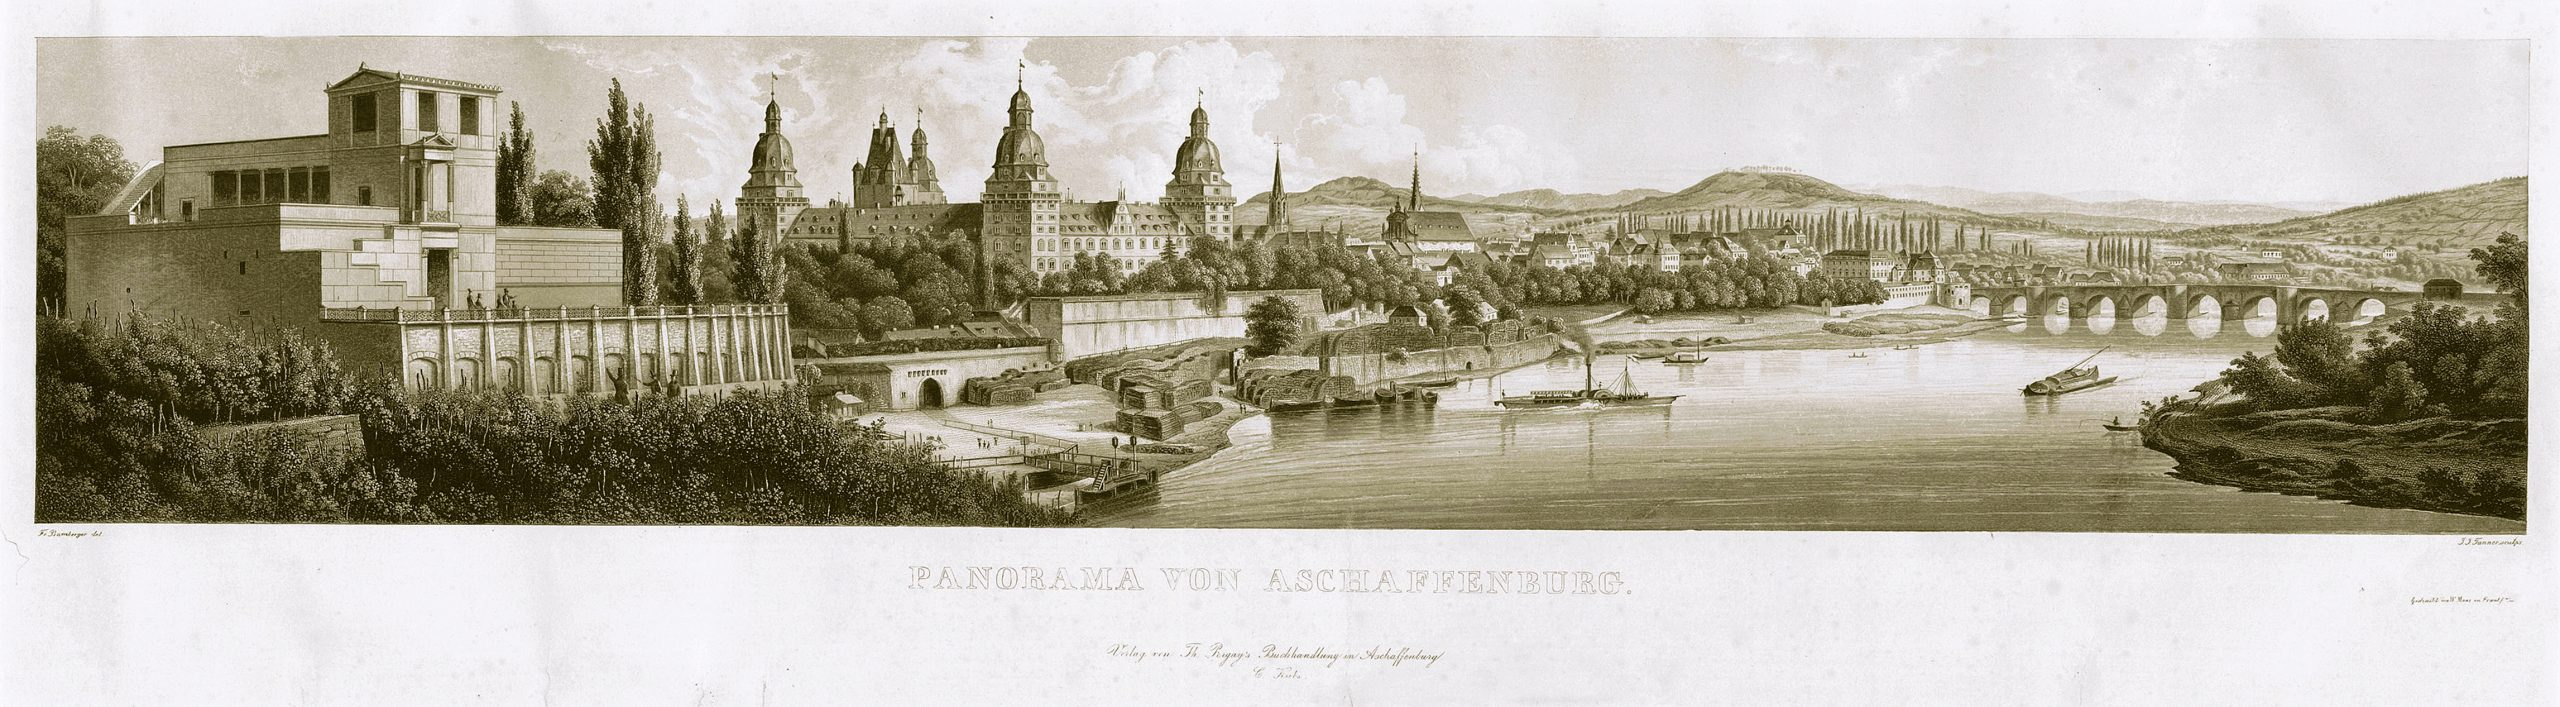 © F. Bamberger/J. J. Tanner, Panorama von Aschaffenburg, Stahlstich mit Aquatinta, um 1850. Stadt- und Stiftsarchiv Aschaffenburg, Grafische Sammlung